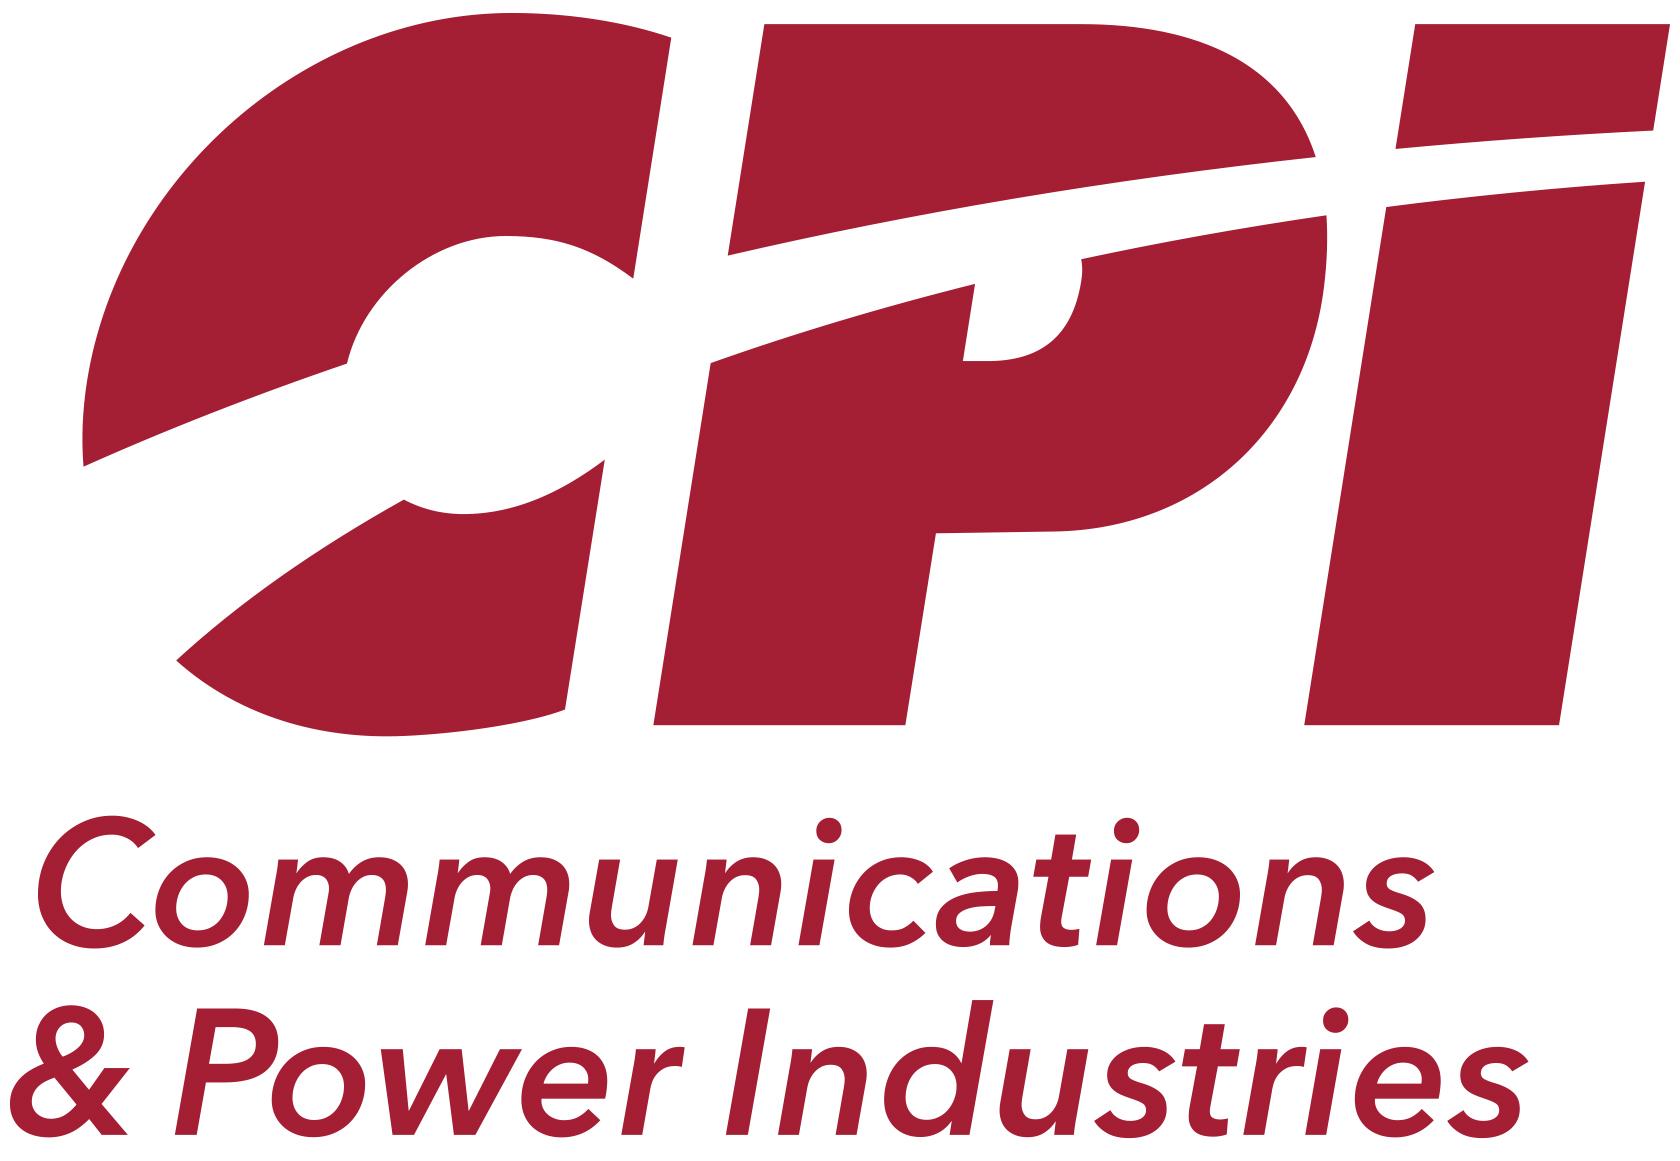 CPI-SMP-SATCOM